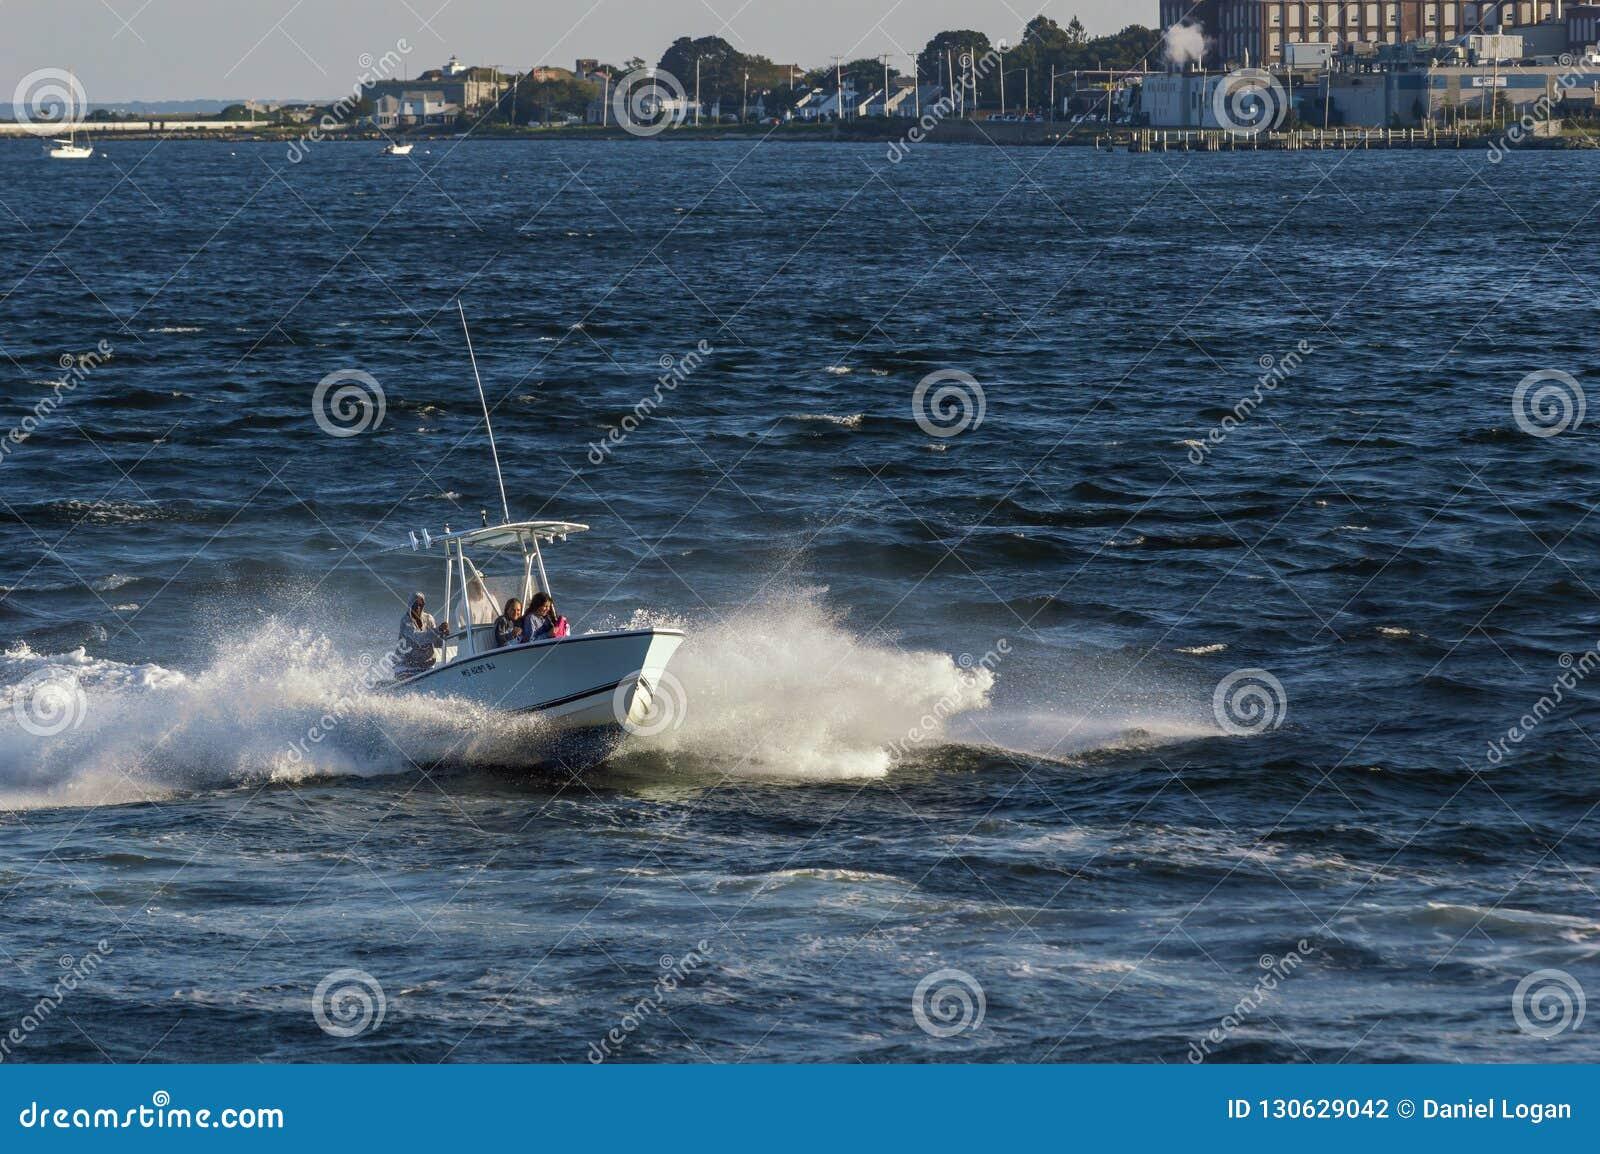 快速汽艇横穿风力驱动的剁的行驶颠簸